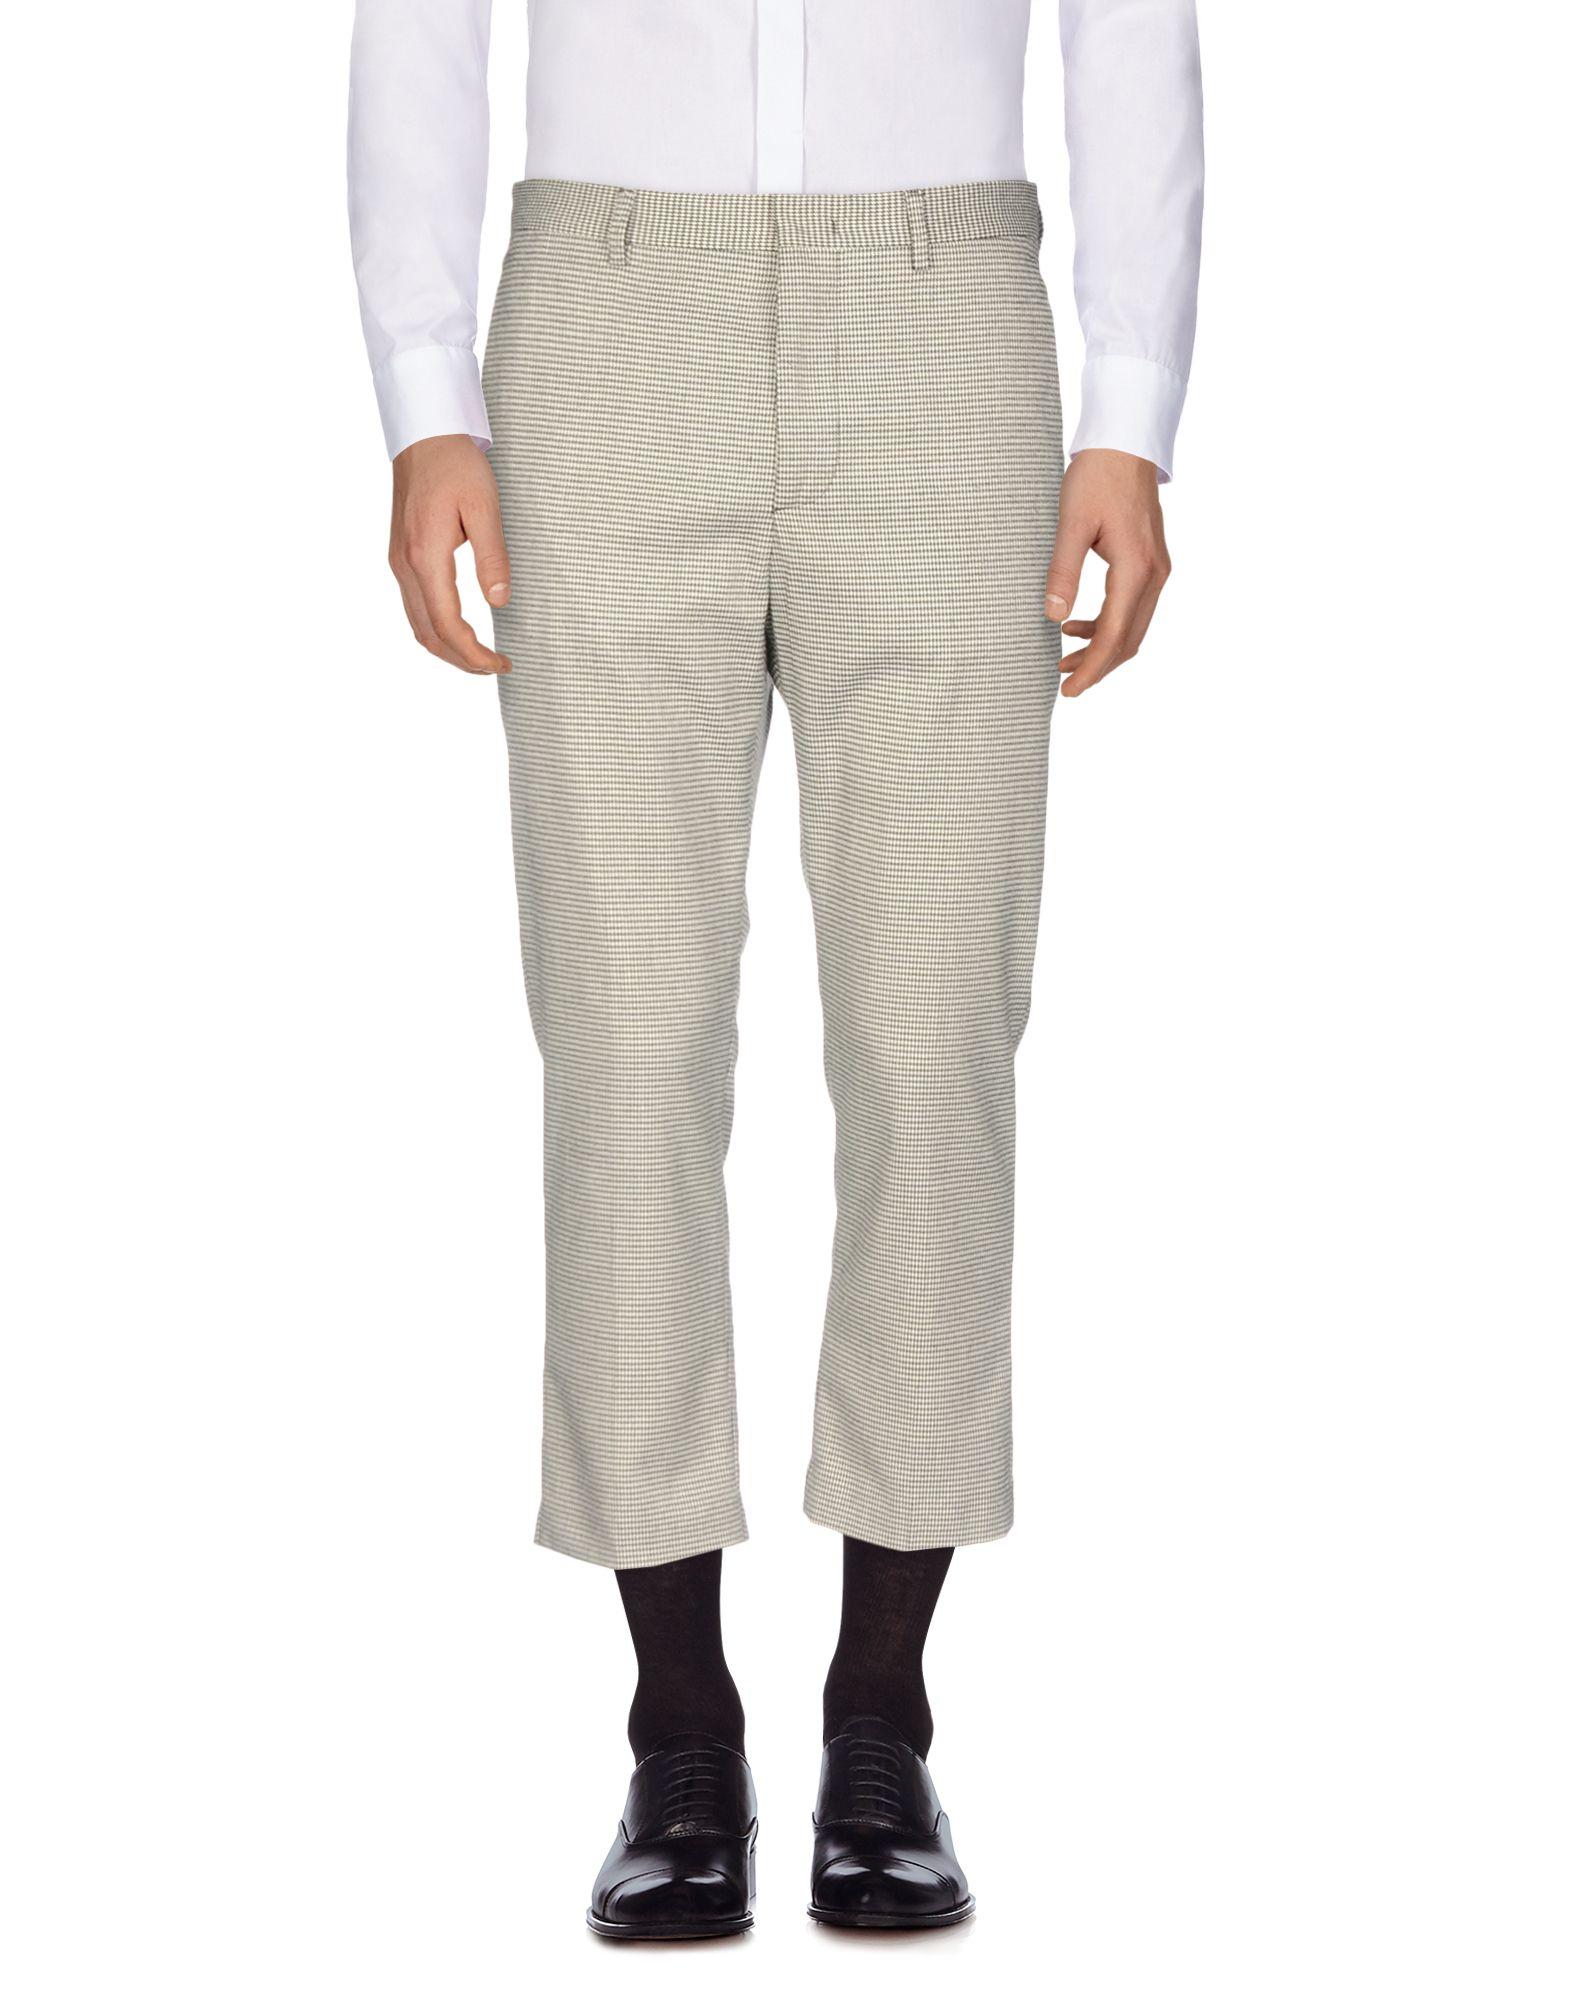 Pantalone Msgm uomo uomo uomo - 13184581XF 6f0